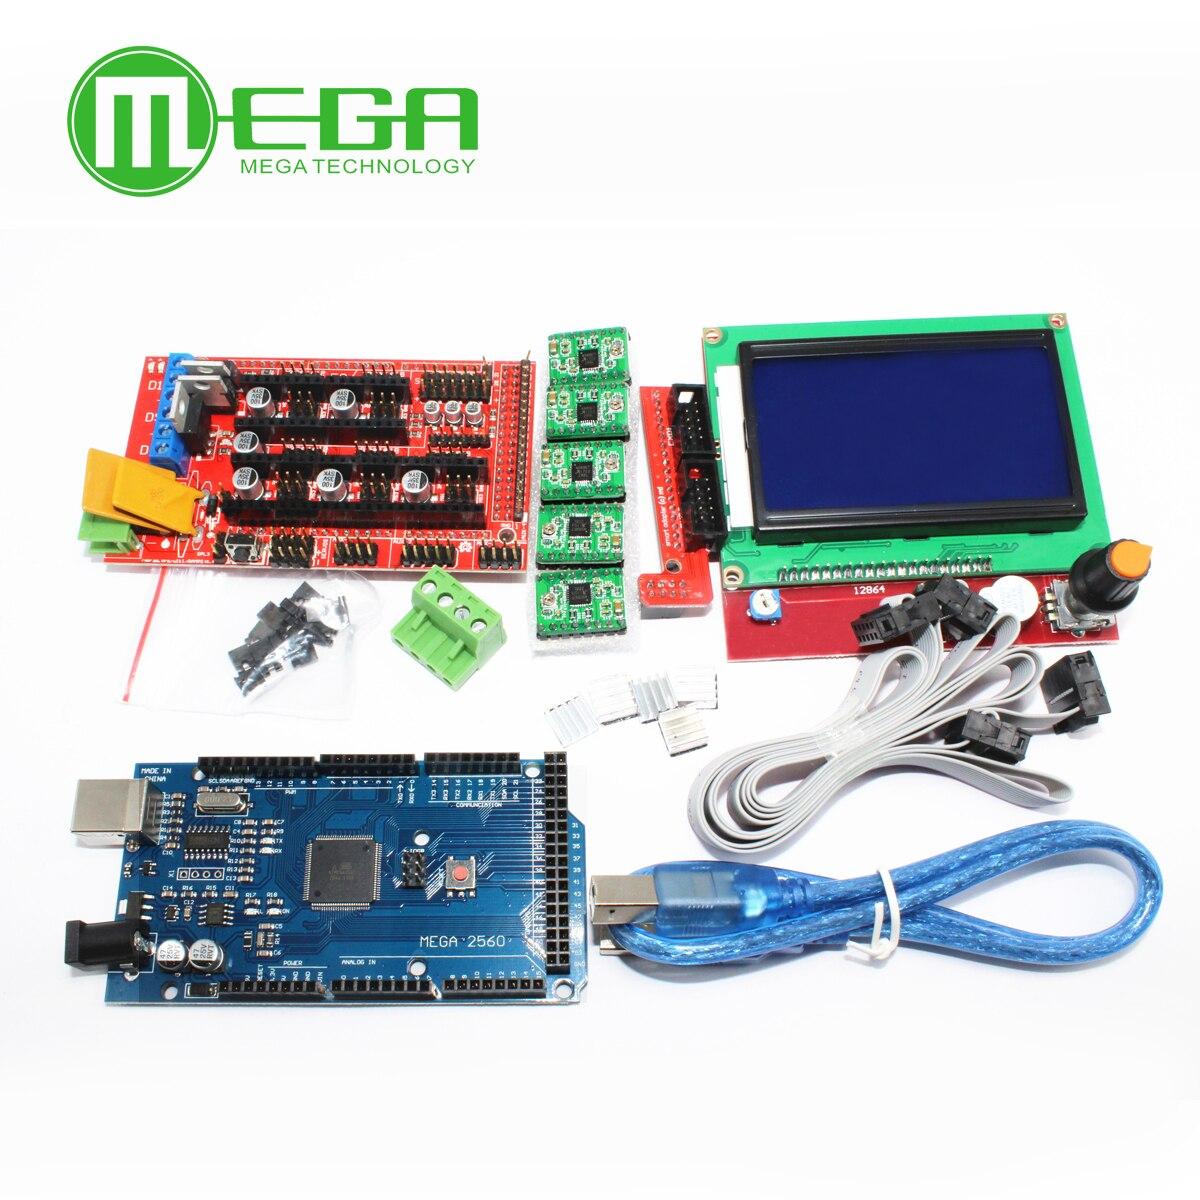 1 stücke Mega 2560 R3 CH340 + 1 stücke RAMPS 1,4 Controller + 5 stücke A4988 Stepper Fahrer Modul + 1 stücke 12864 controller für 3D Drucker kit